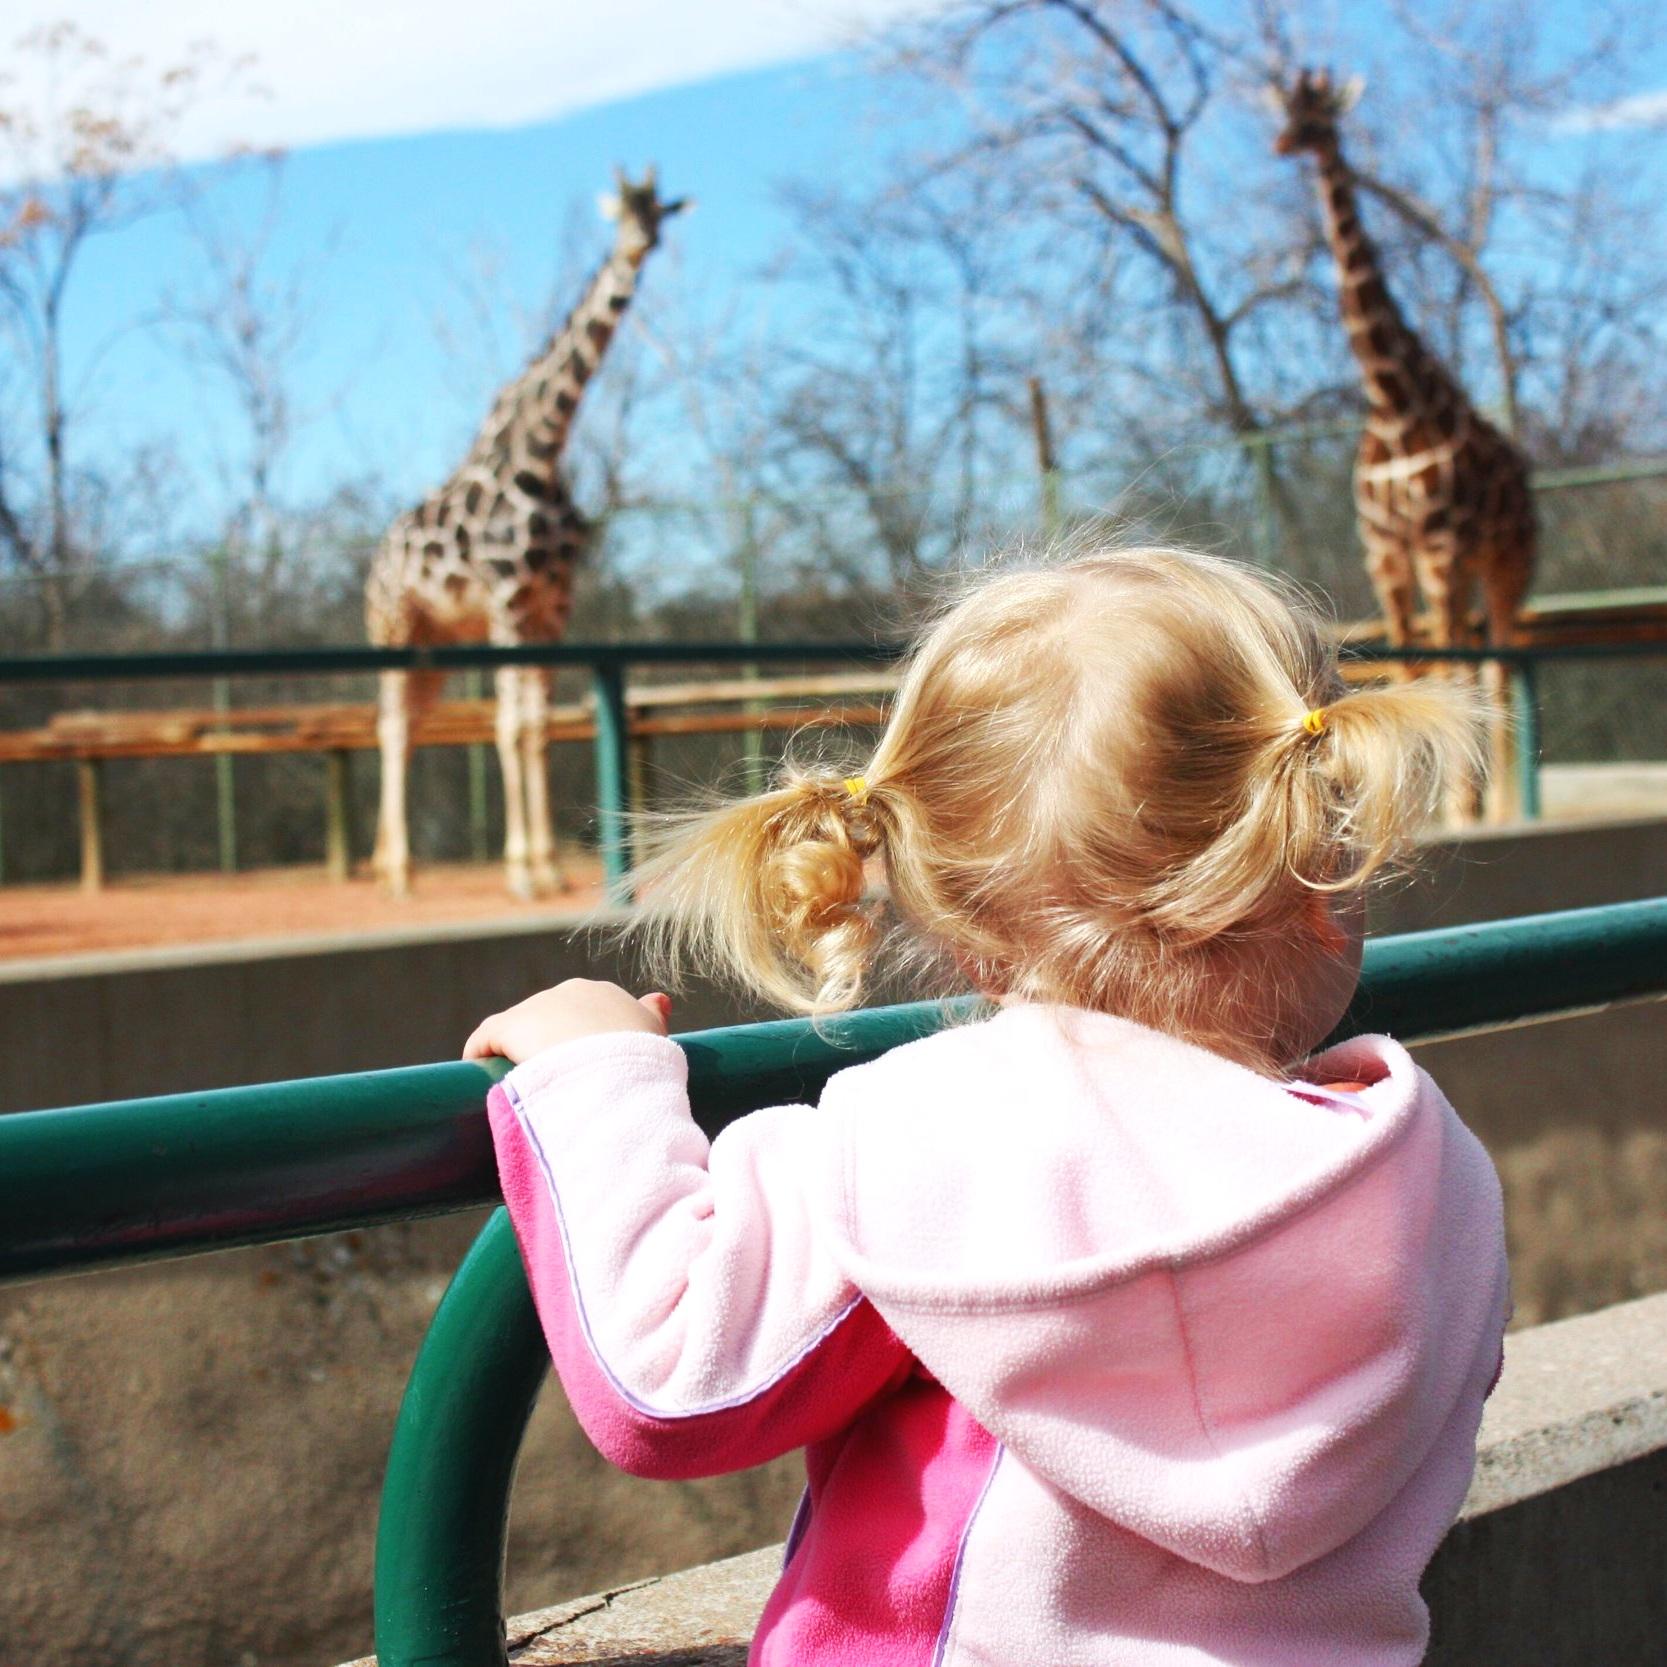 zoo+pic.jpg